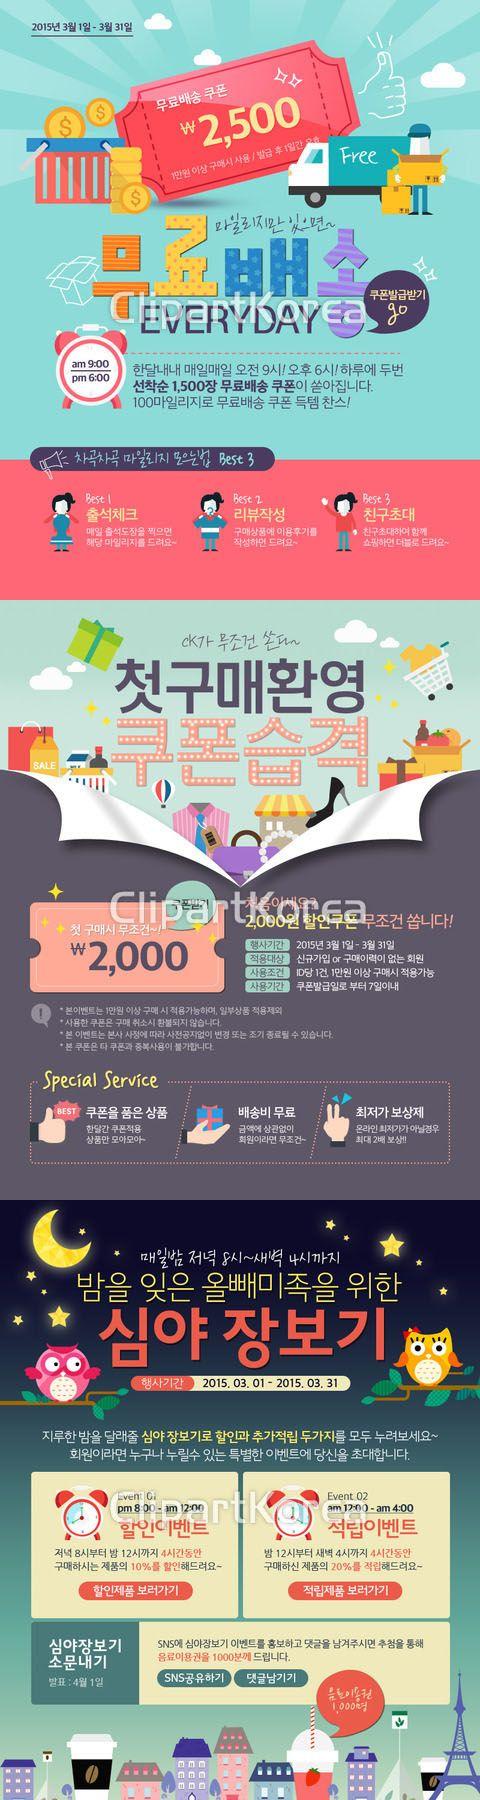 쇼핑 디자인 소스 입니다 :) The Shopping Design Source #클립아트코리아 #clipartkorea #이미지투데이 #imagetoday #통로이미지 #tongroimages #라벨 #쇼핑 #웹사이트 #웹콘텐츠 #이벤트템플릿 #컬러풀 #쿠폰 #프레임 #쇼핑 #스케치 #마케팅 #Label #shopping #website #templates #Web #content #events #coupon #frame #colorful #shopping #sketch #marketing